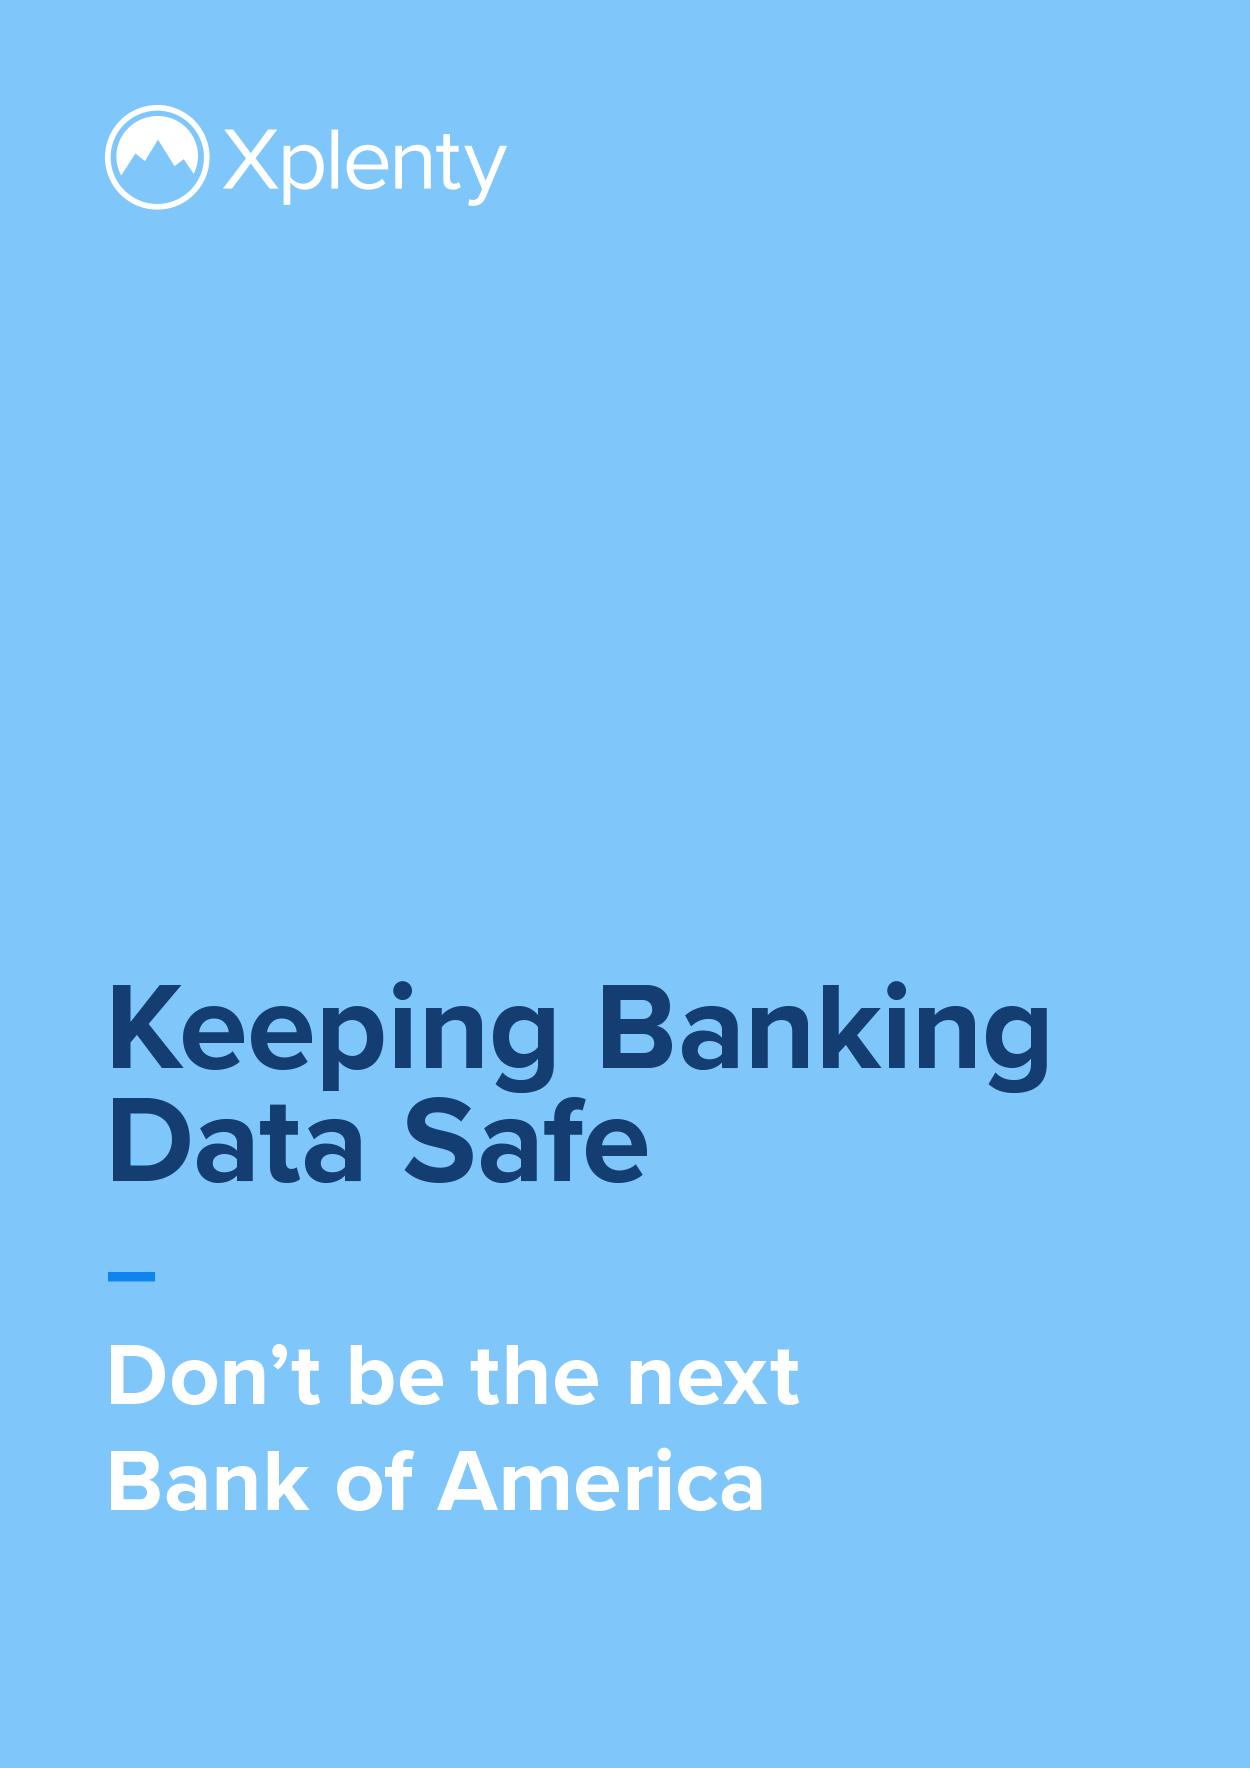 Keeping Banking Data Safe